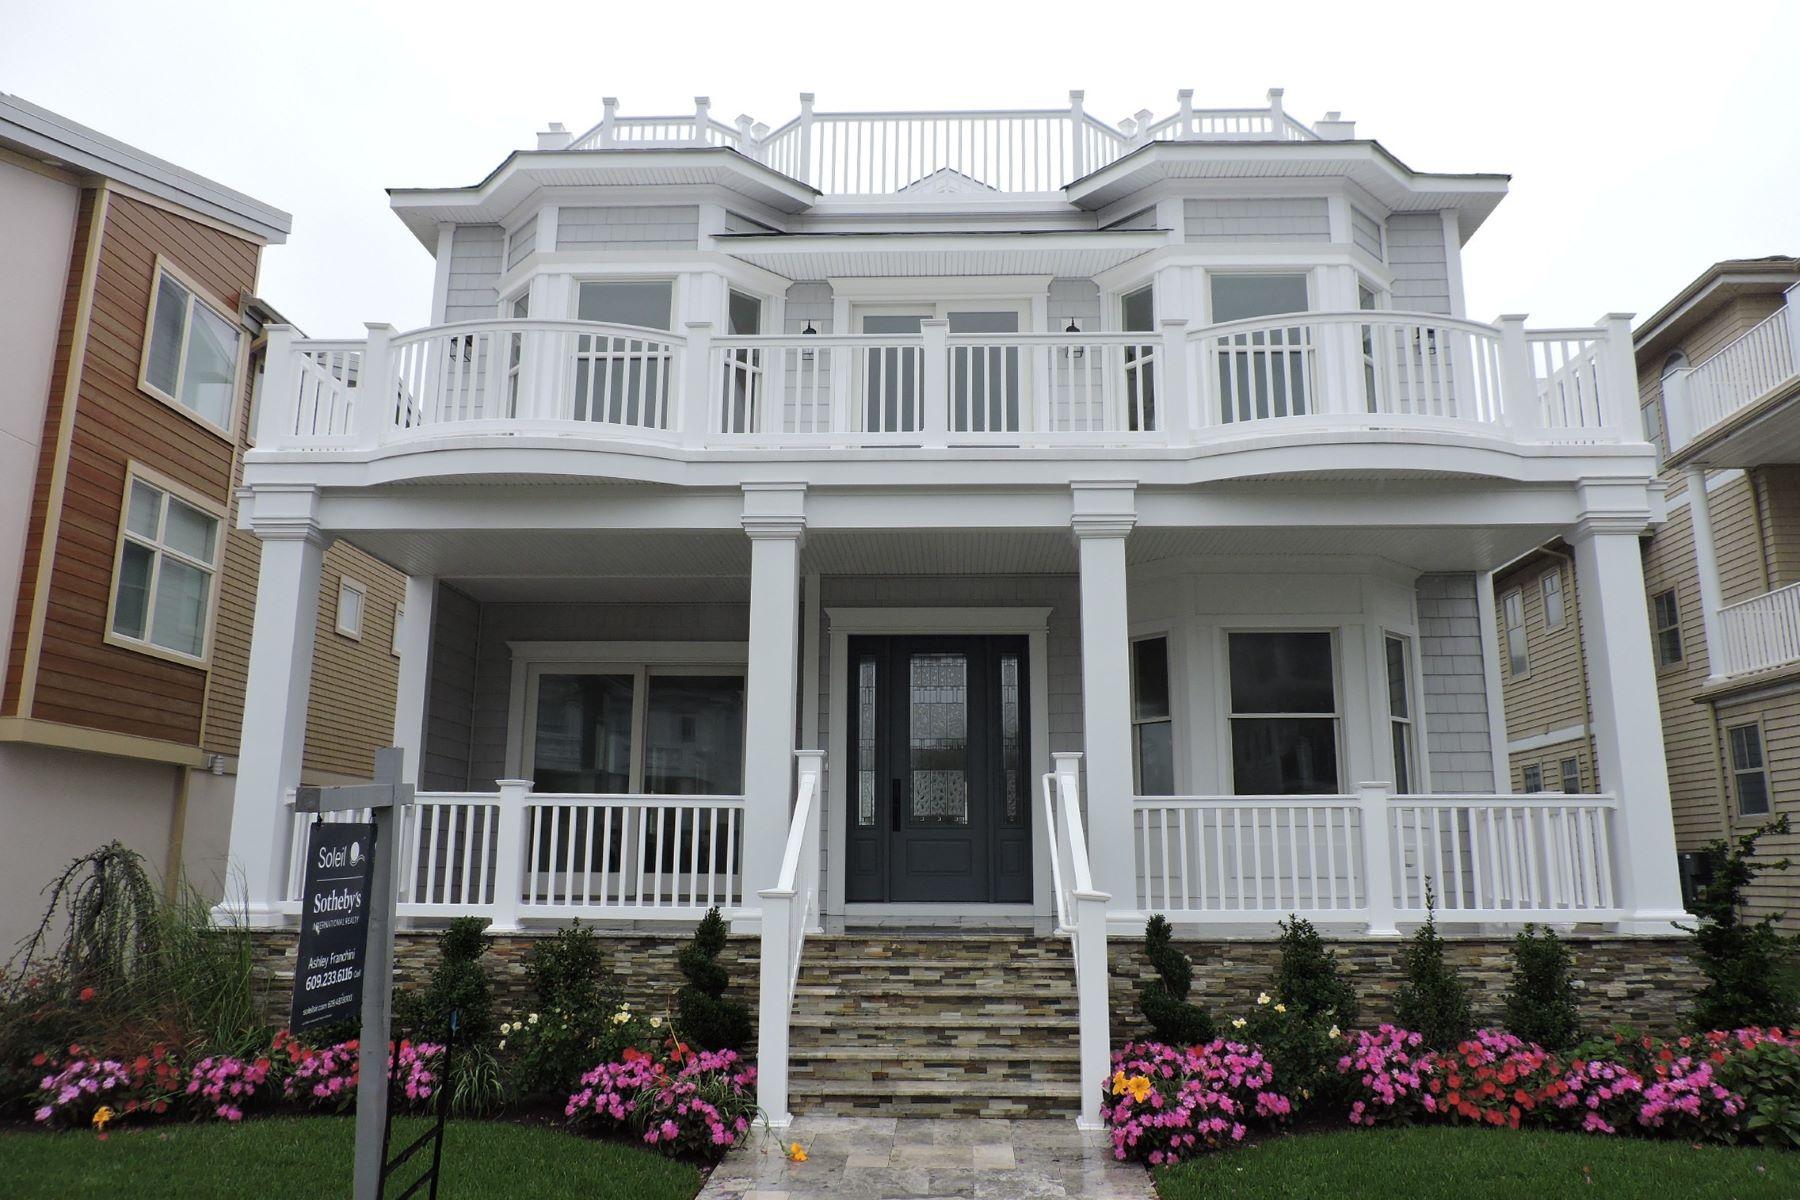 Maison unifamiliale pour l Vente à 102 S Dudley Ave Ventnor, New Jersey, 08406 États-Unis